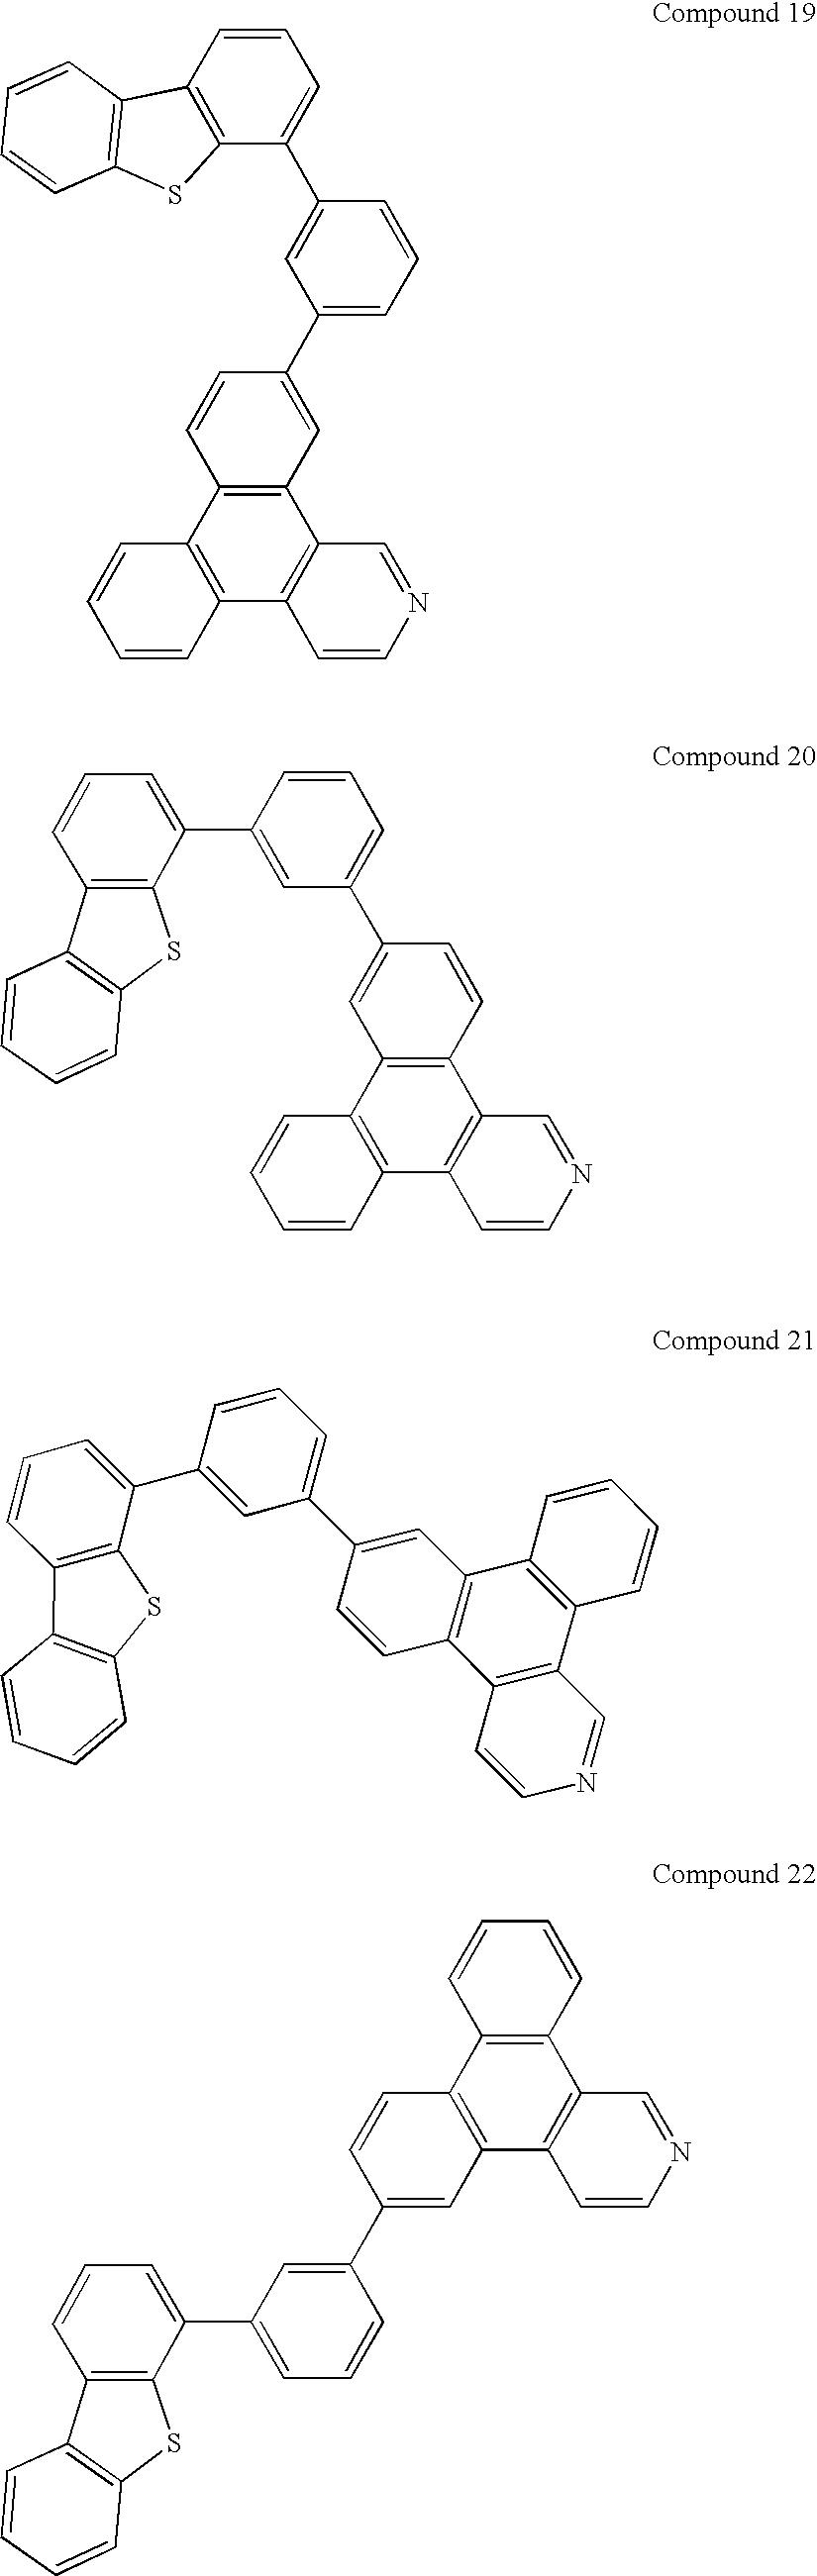 Figure US20100289406A1-20101118-C00035